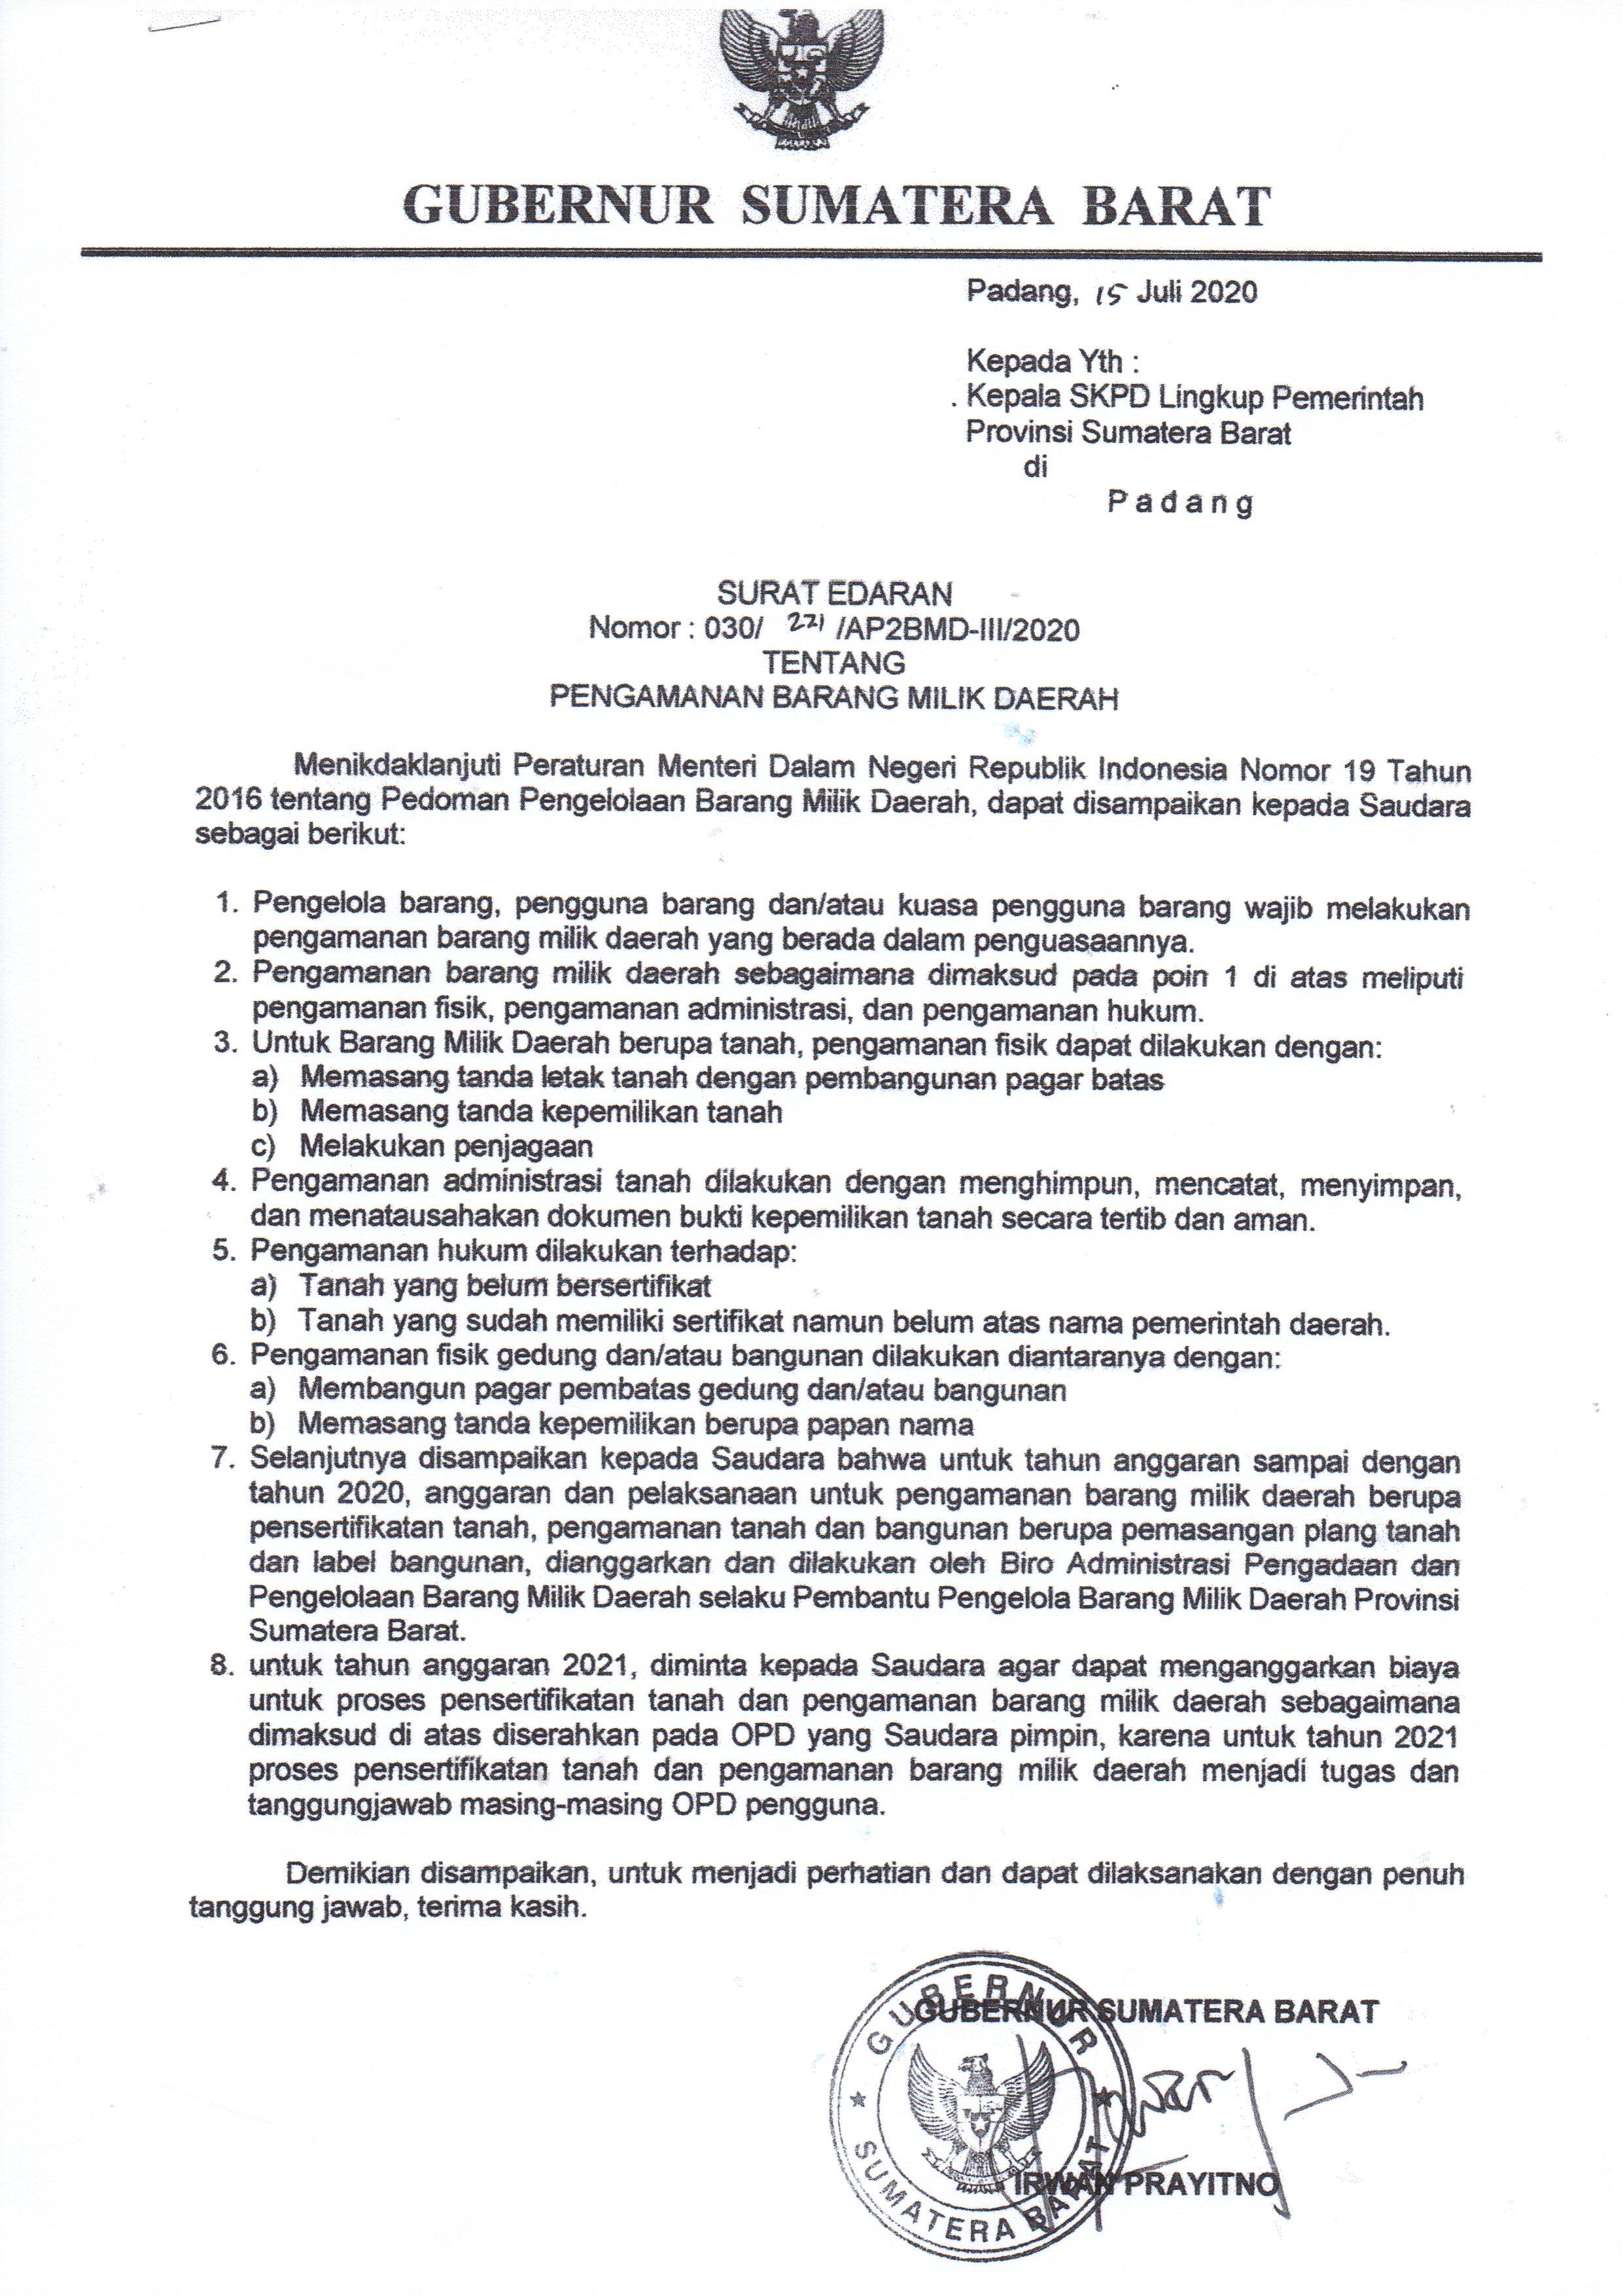 SE Gubernur Sumatera Barat tentang Pengamanan Barang Milik Daerah